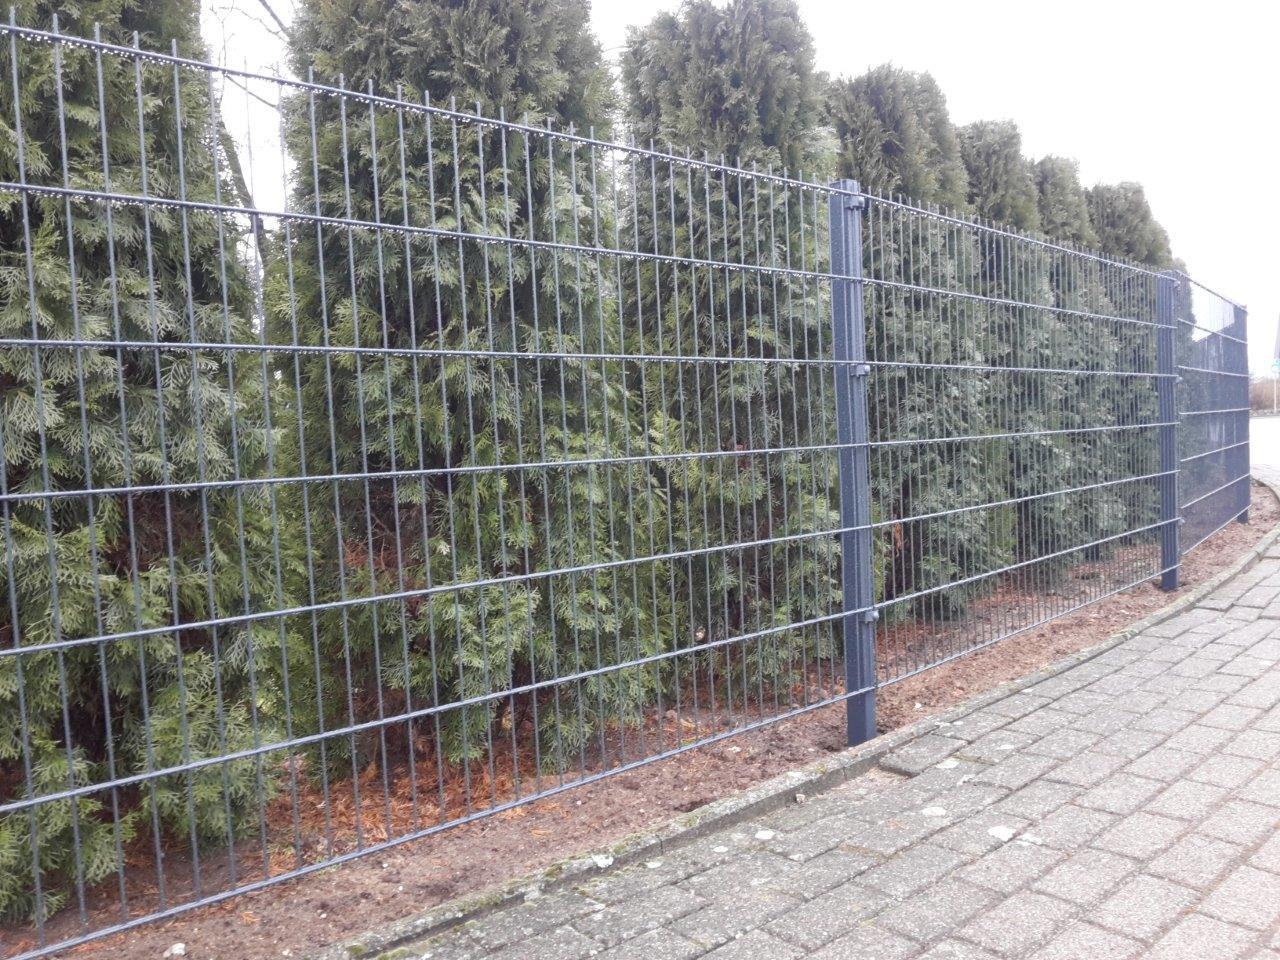 Wspaniały Panele ogrodzeniowe - OL-MAR - Ogrodzenia i bramy metalowe GE74